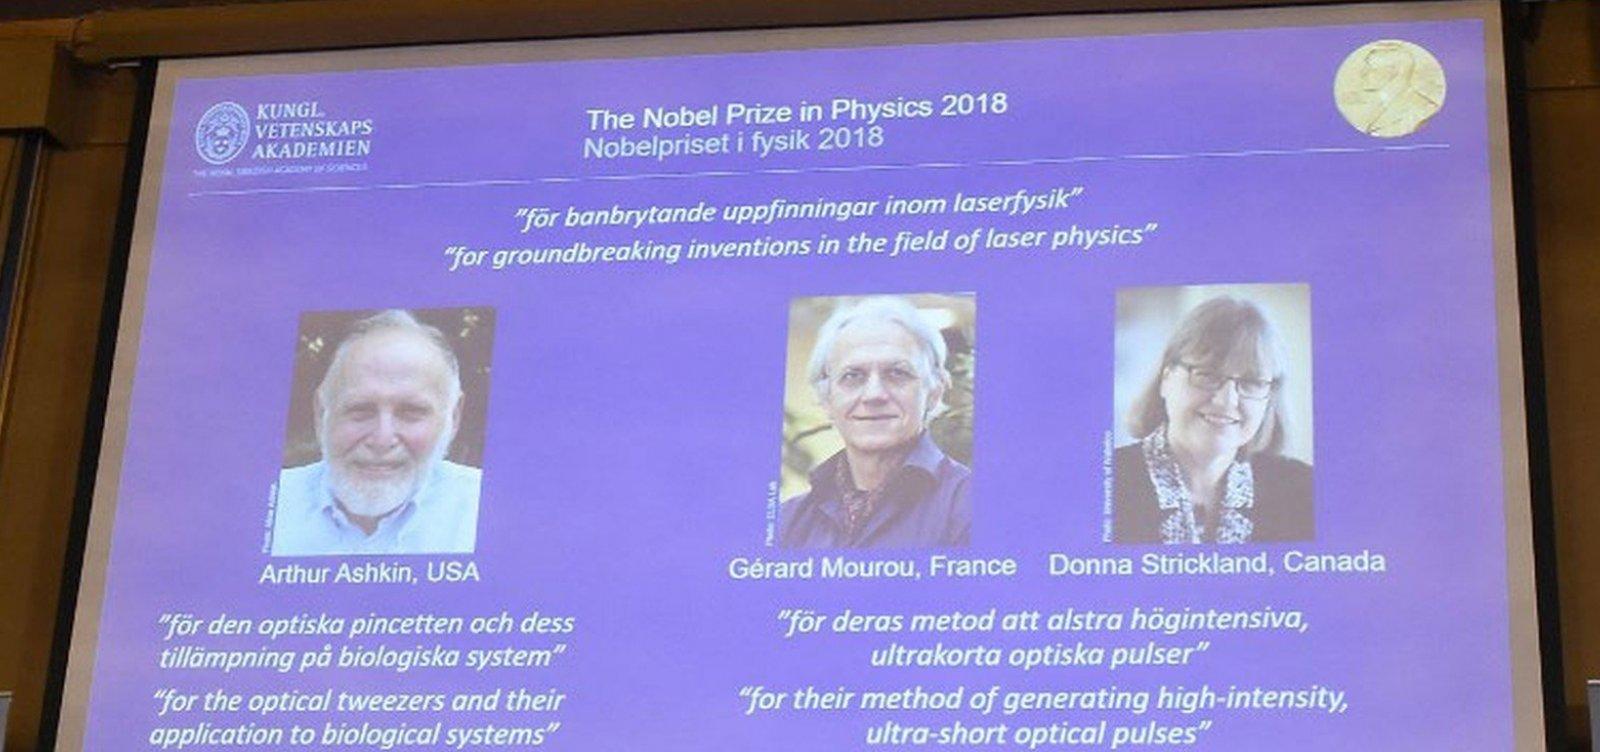 [Trio leva Nobel de Física por descobertas com laser]